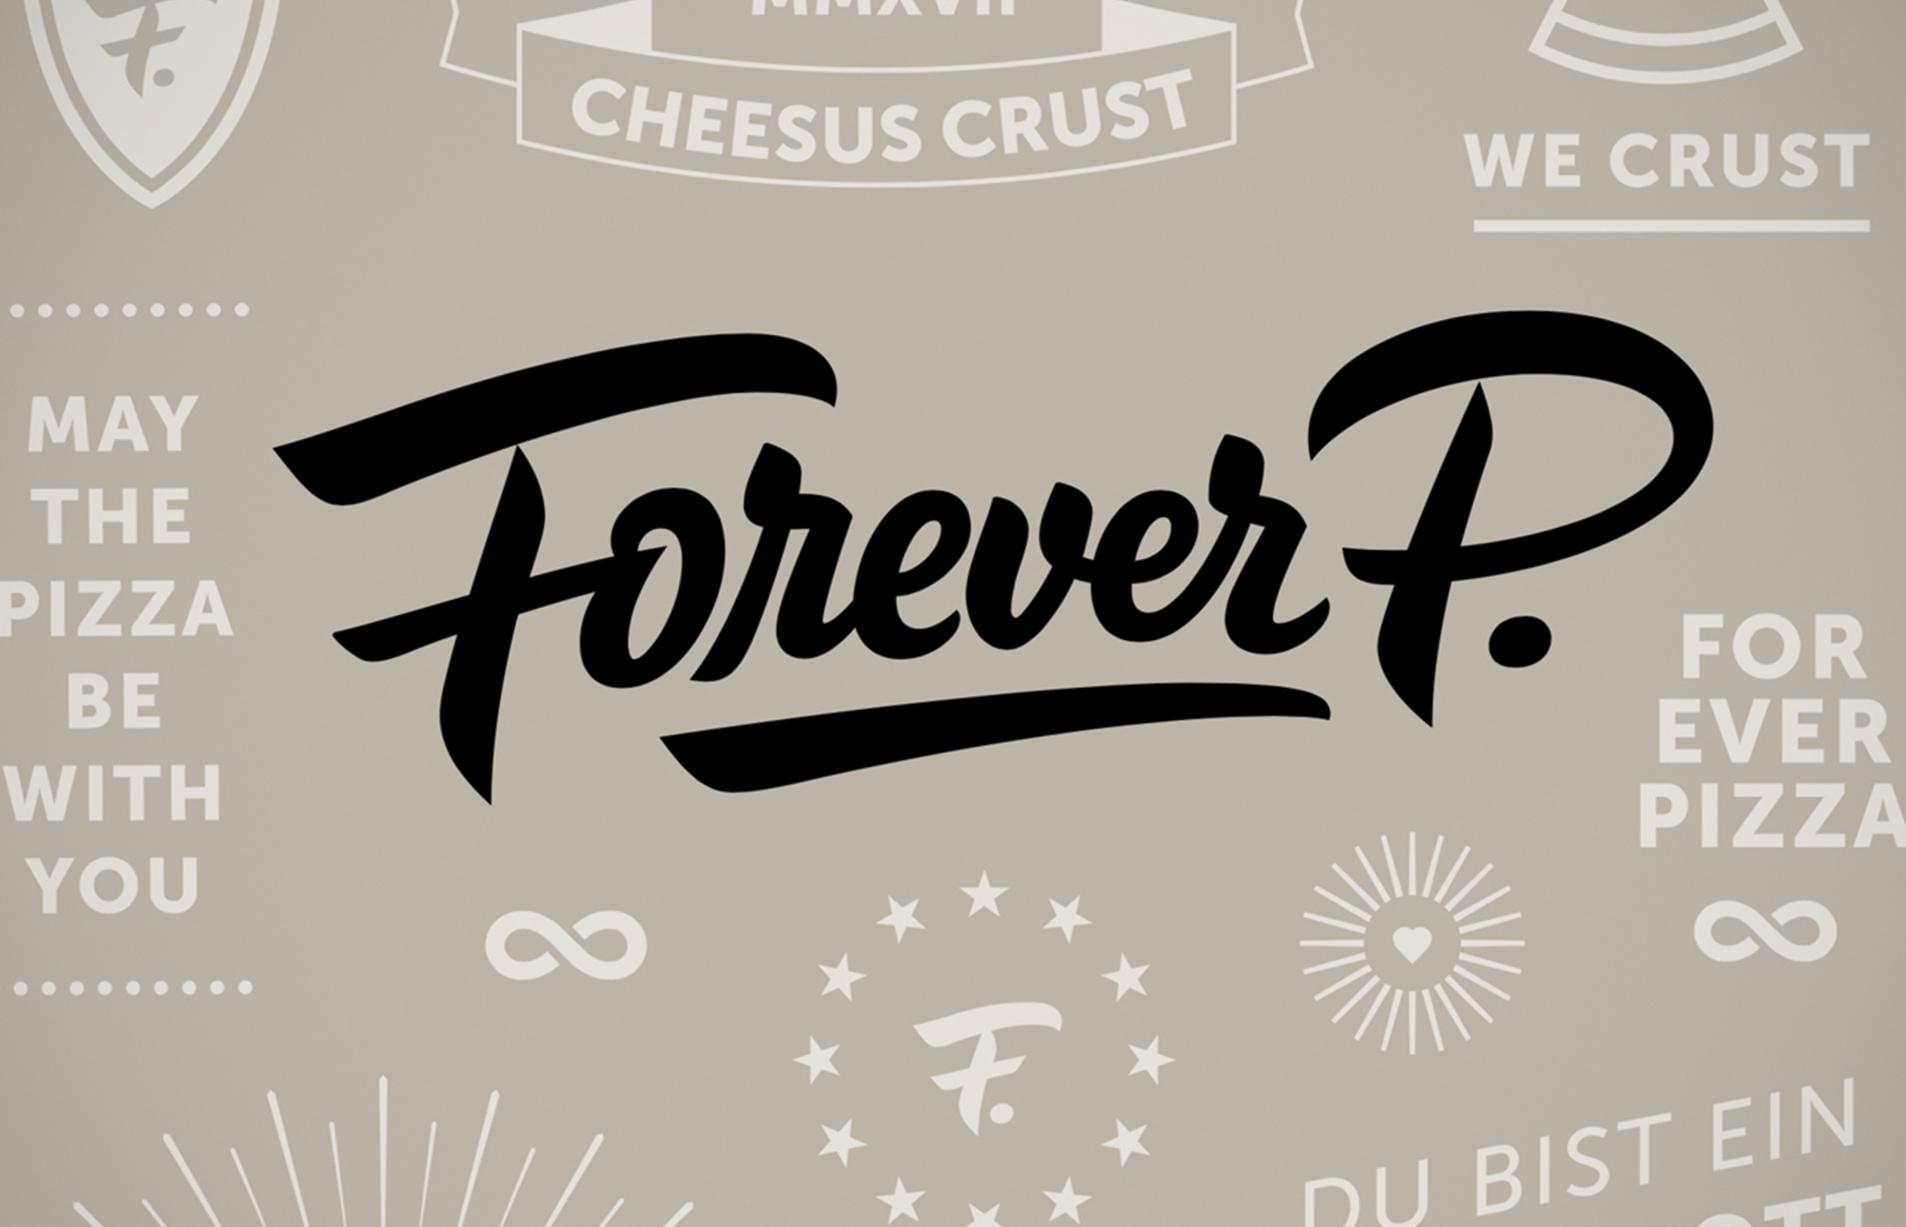 Foreverp logo